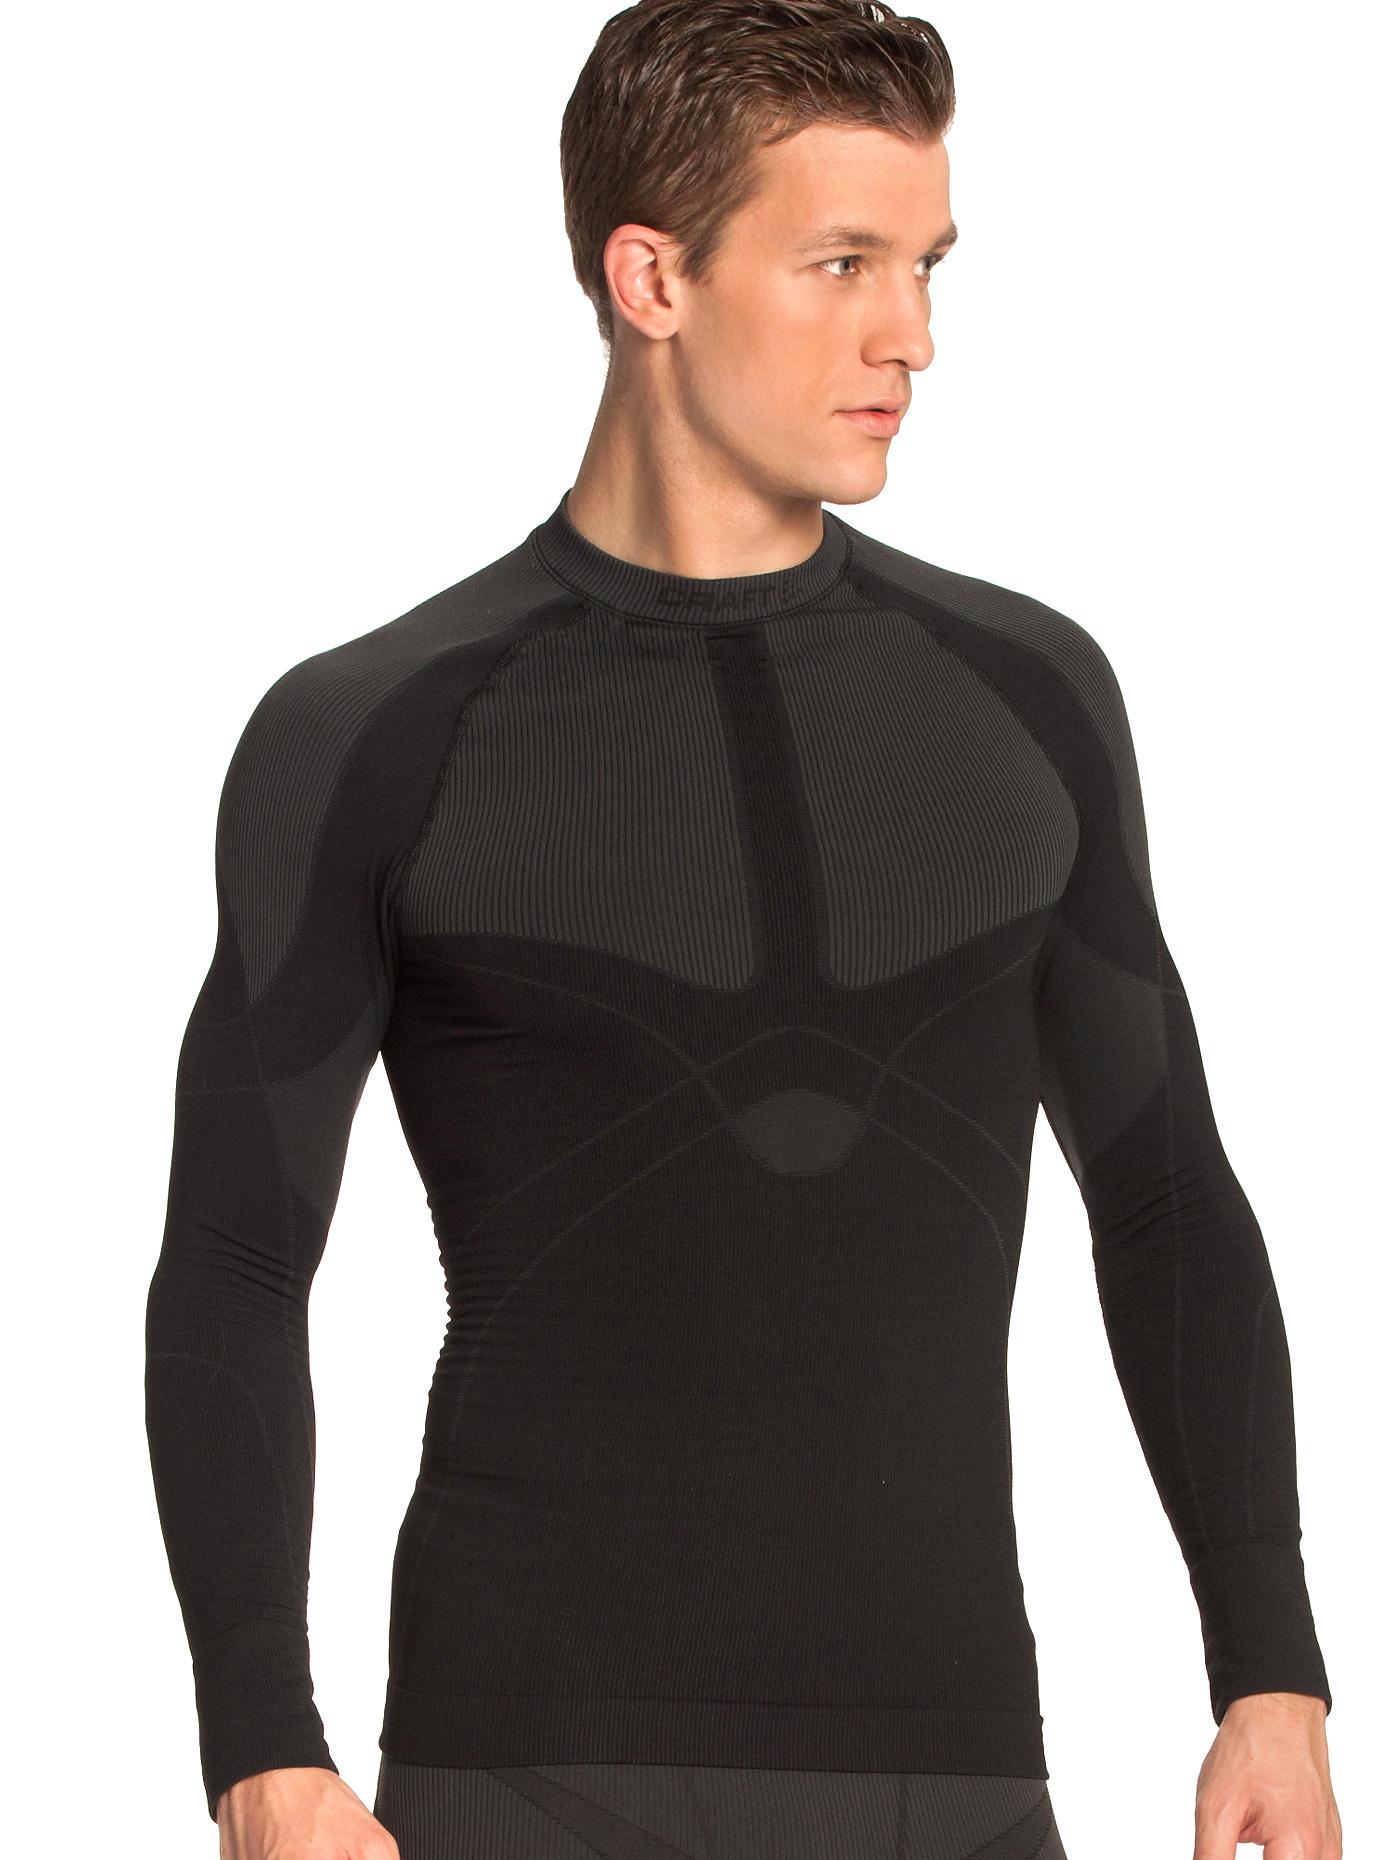 Комплект термобелья Craft Warm black мужской